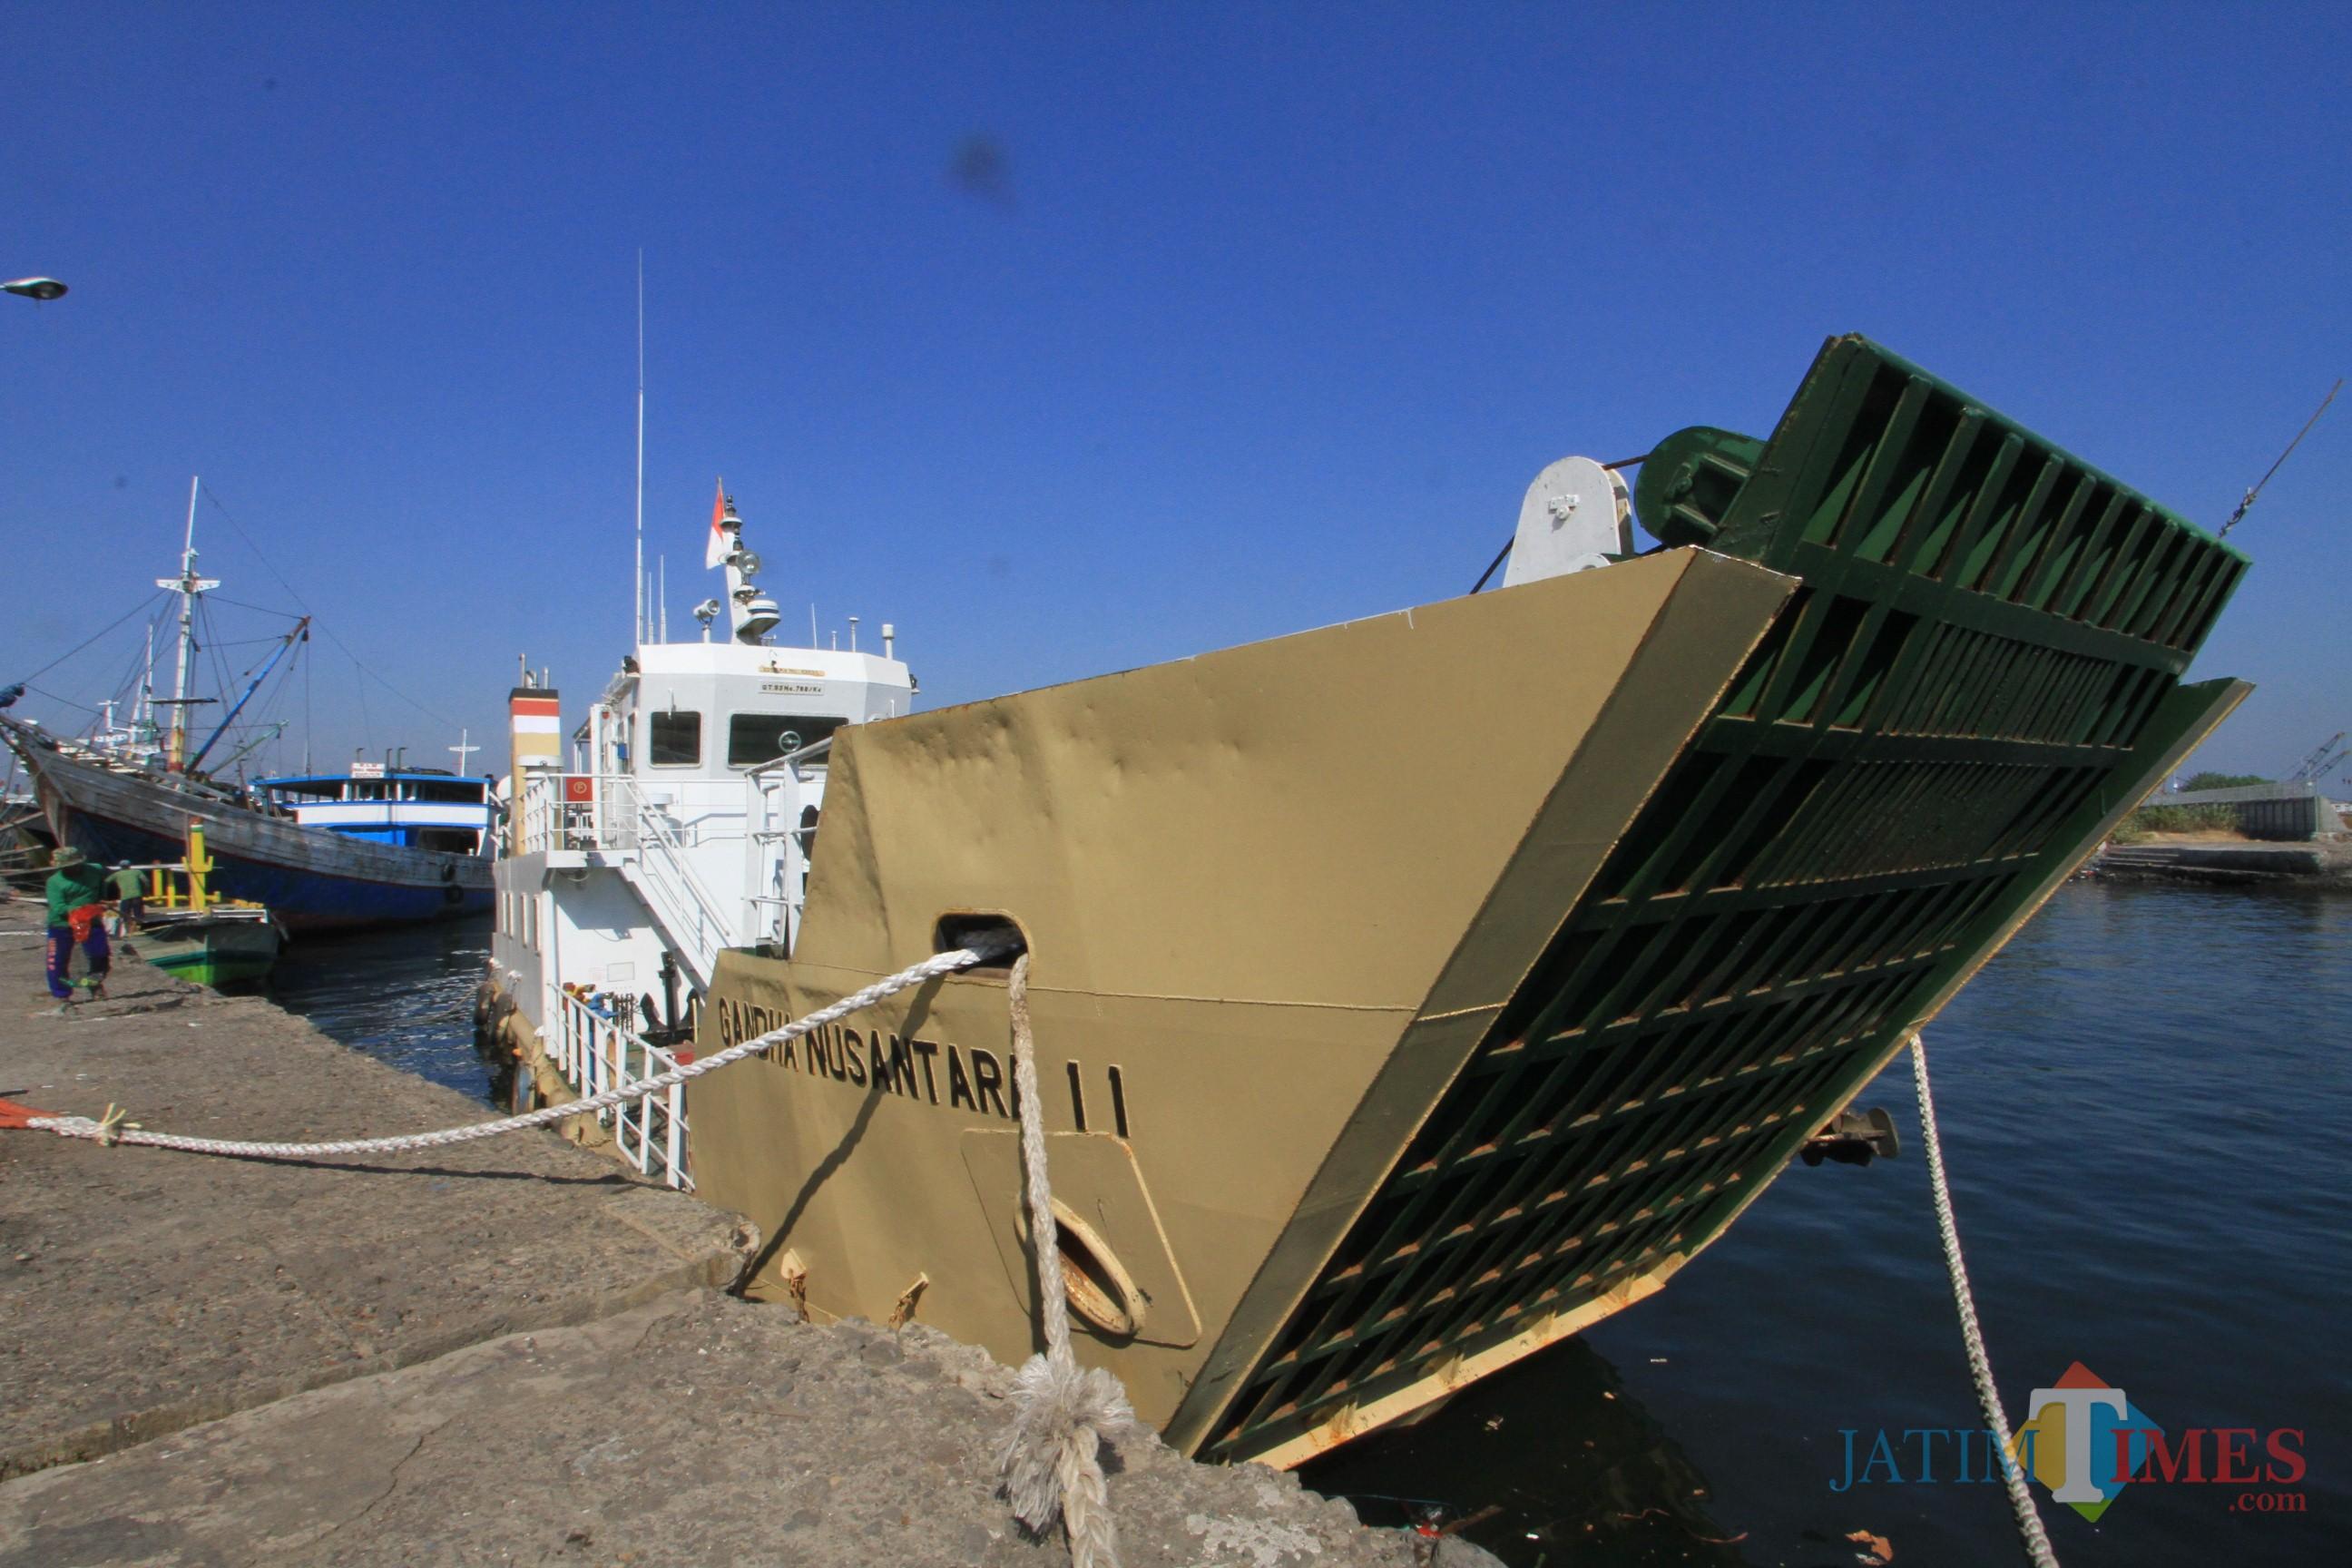 Kapal Penyebrangan Pelabuhan Tanjung Tembaga - Pulau Gili diparkir di dermaga pelabuhan menunggu kepastian Kota Probolinggo (Agus Salam/Jatim TIMES)